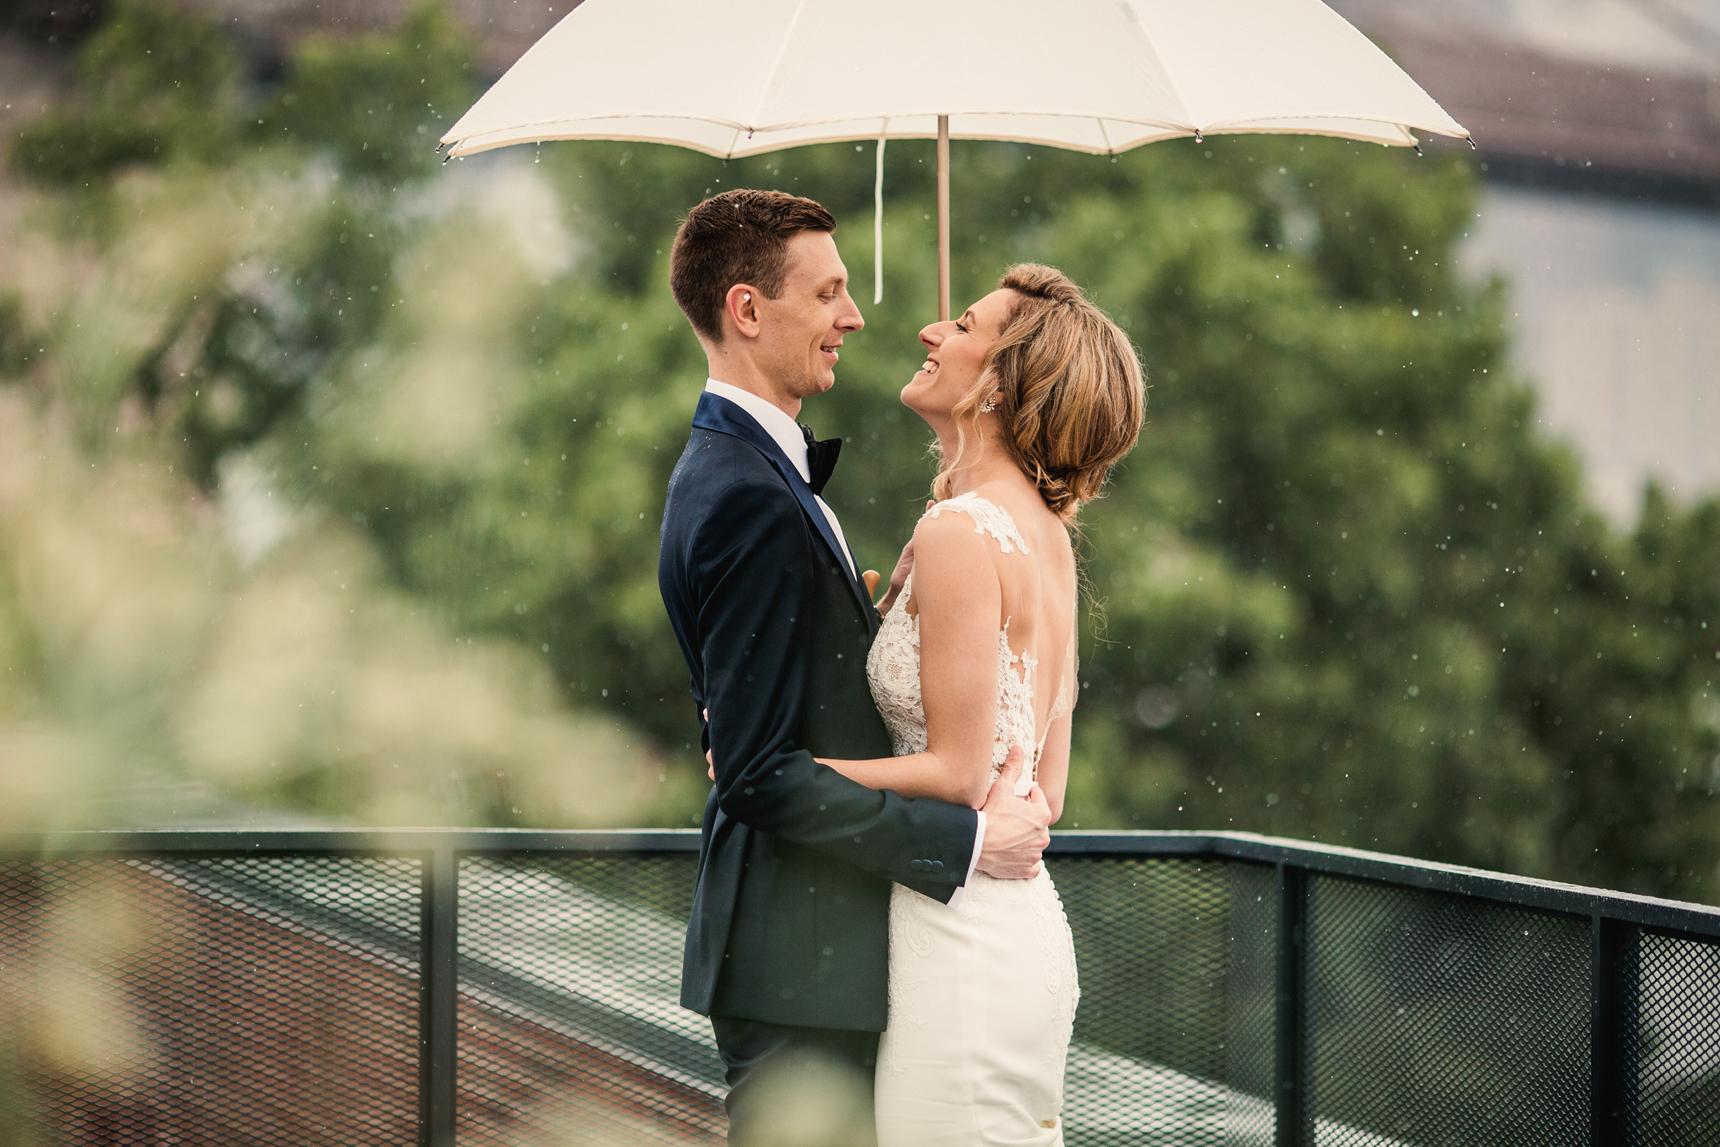 Jory_LoebBoathouse_CentralPark_NewYork_WeddingPhotographer039.jpg